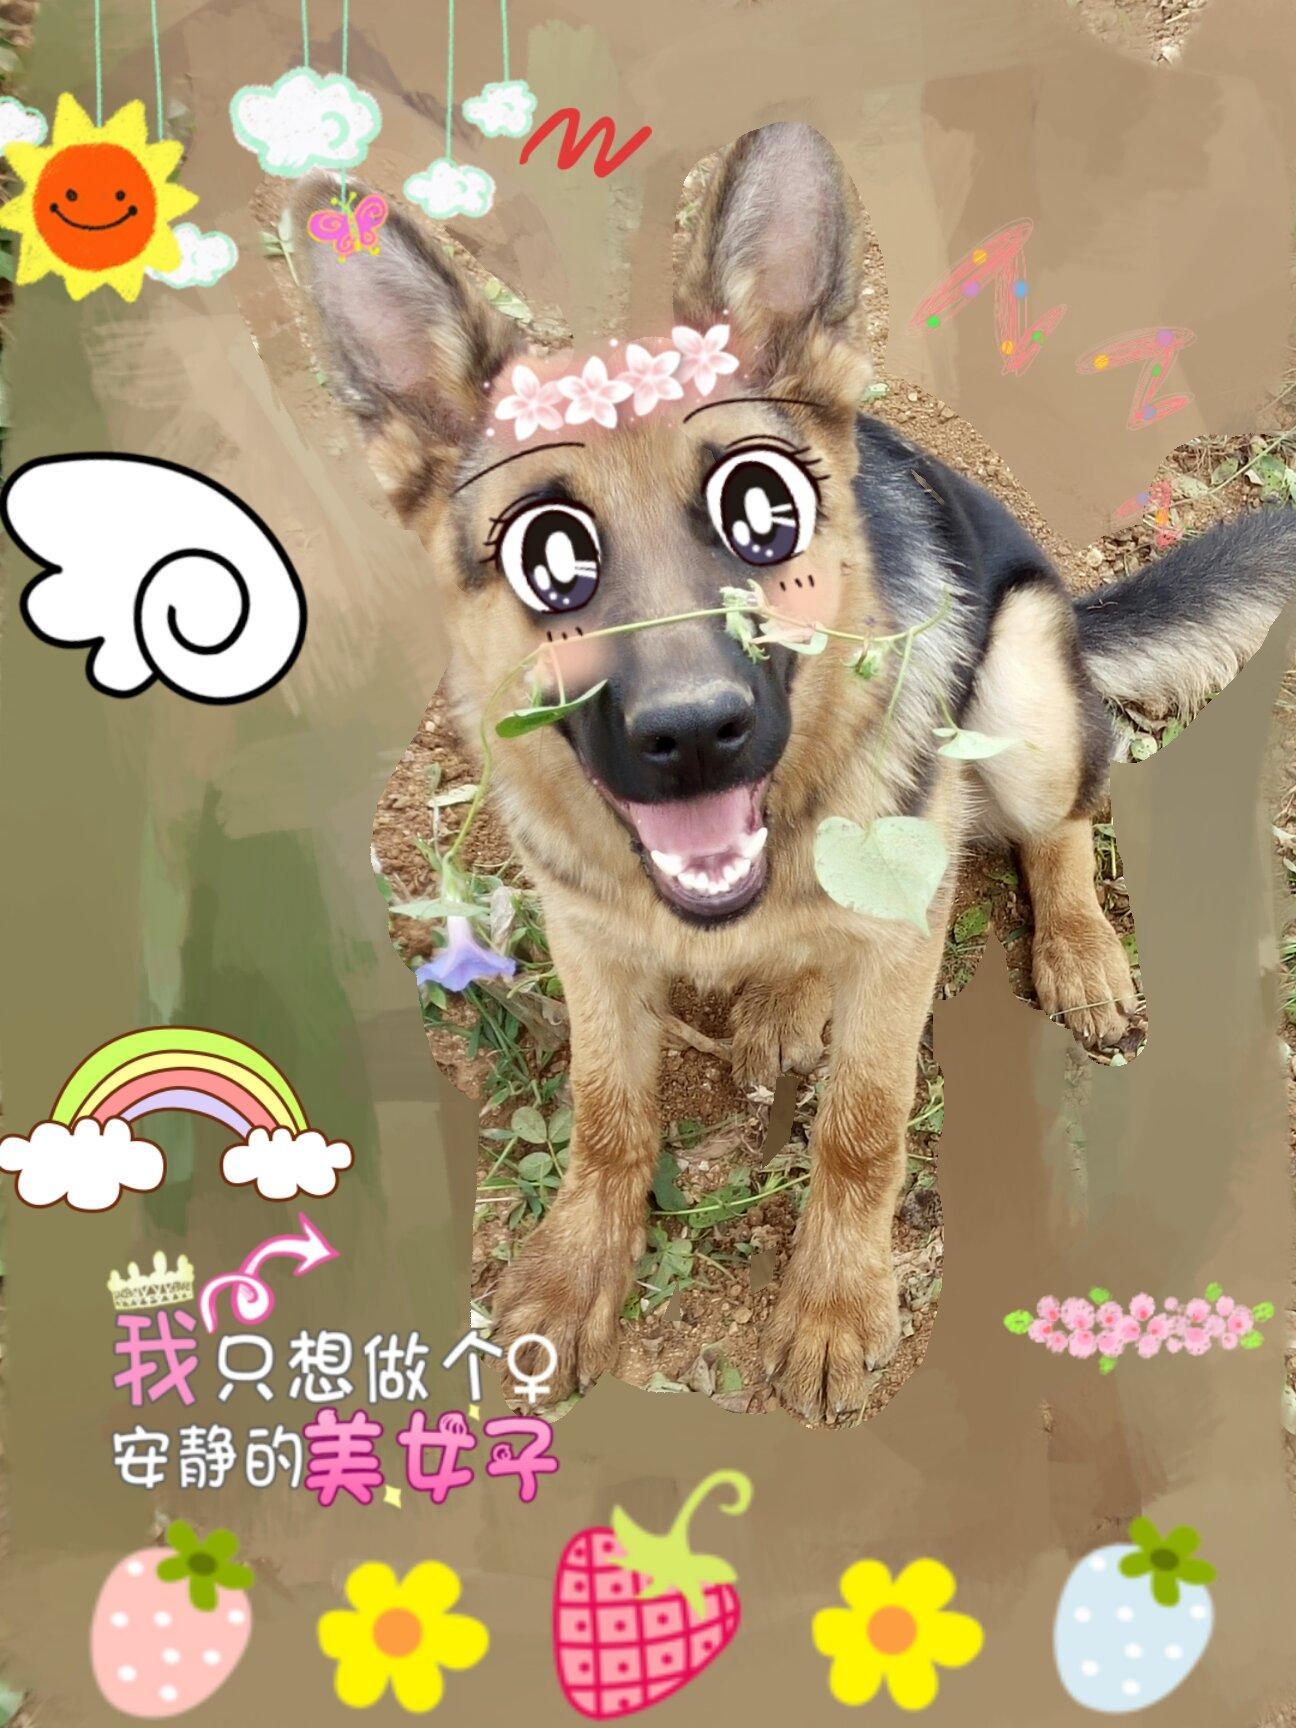 壁纸 动漫 动物 狗 狗狗 卡通 漫画 头像 1296_1728 竖版 竖屏 手机